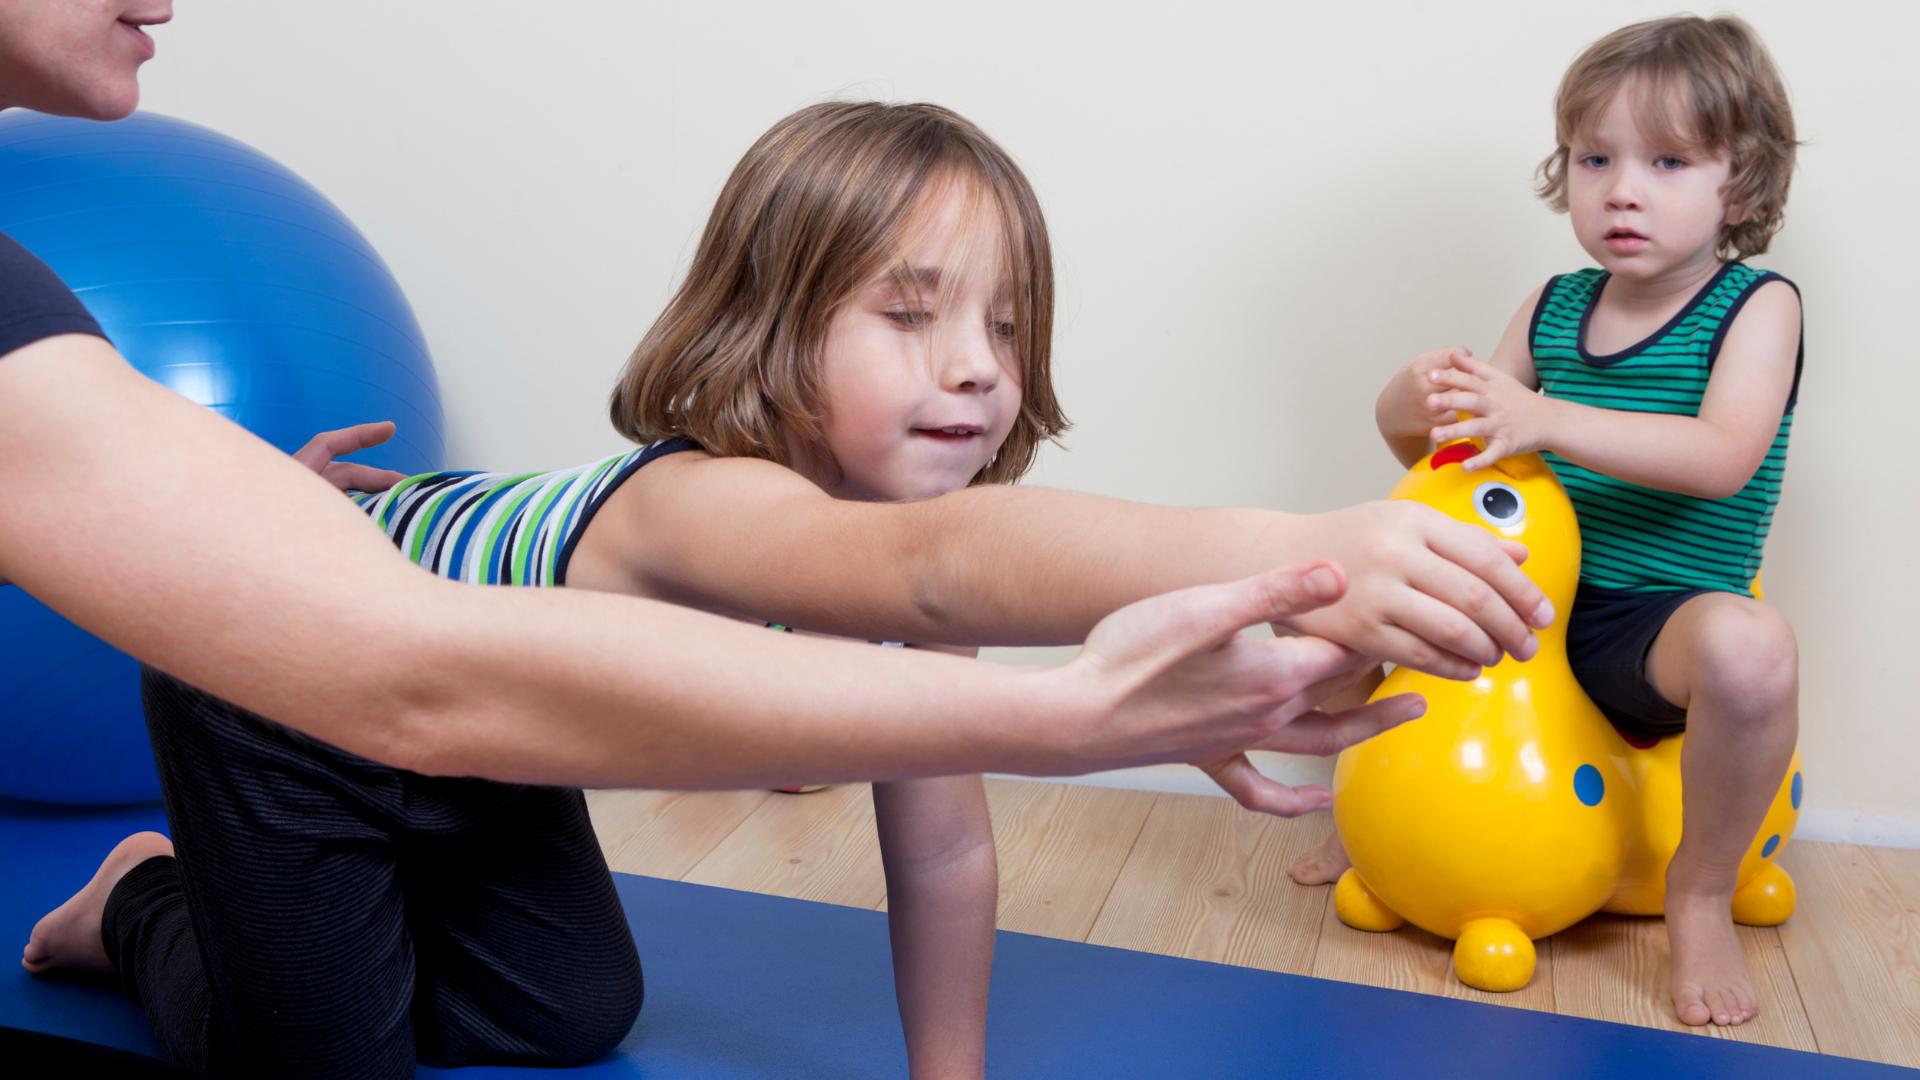 Kinder - Physiotherapie: Wie sieht eine Therapie bei Kids aus?